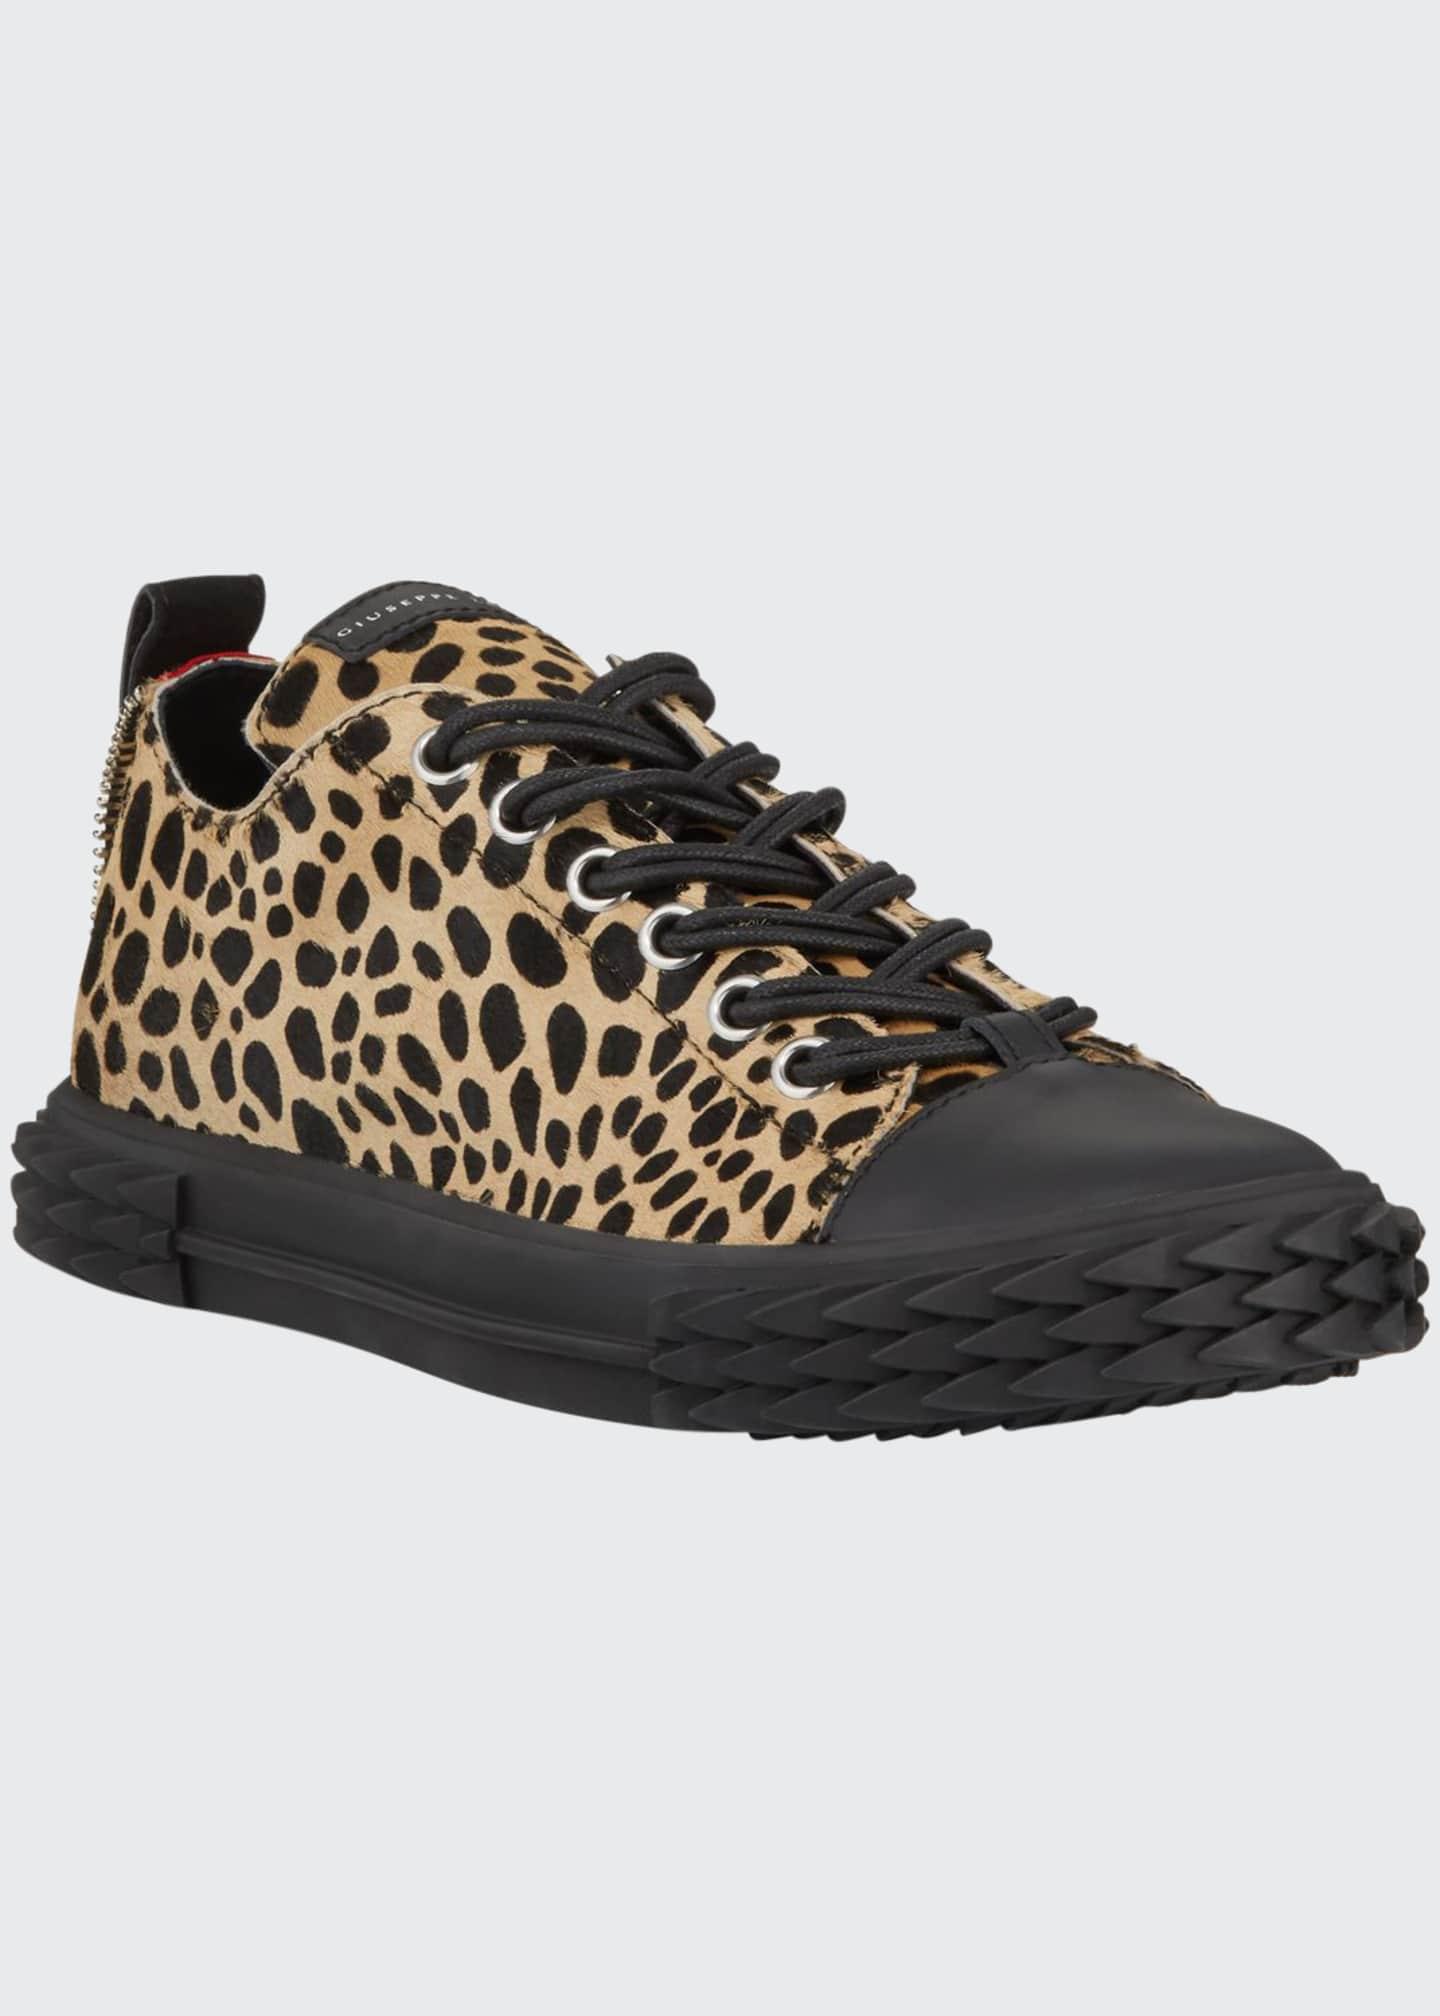 Giuseppe Zanotti Men's Blabber Leopard Low-Top Sneakers